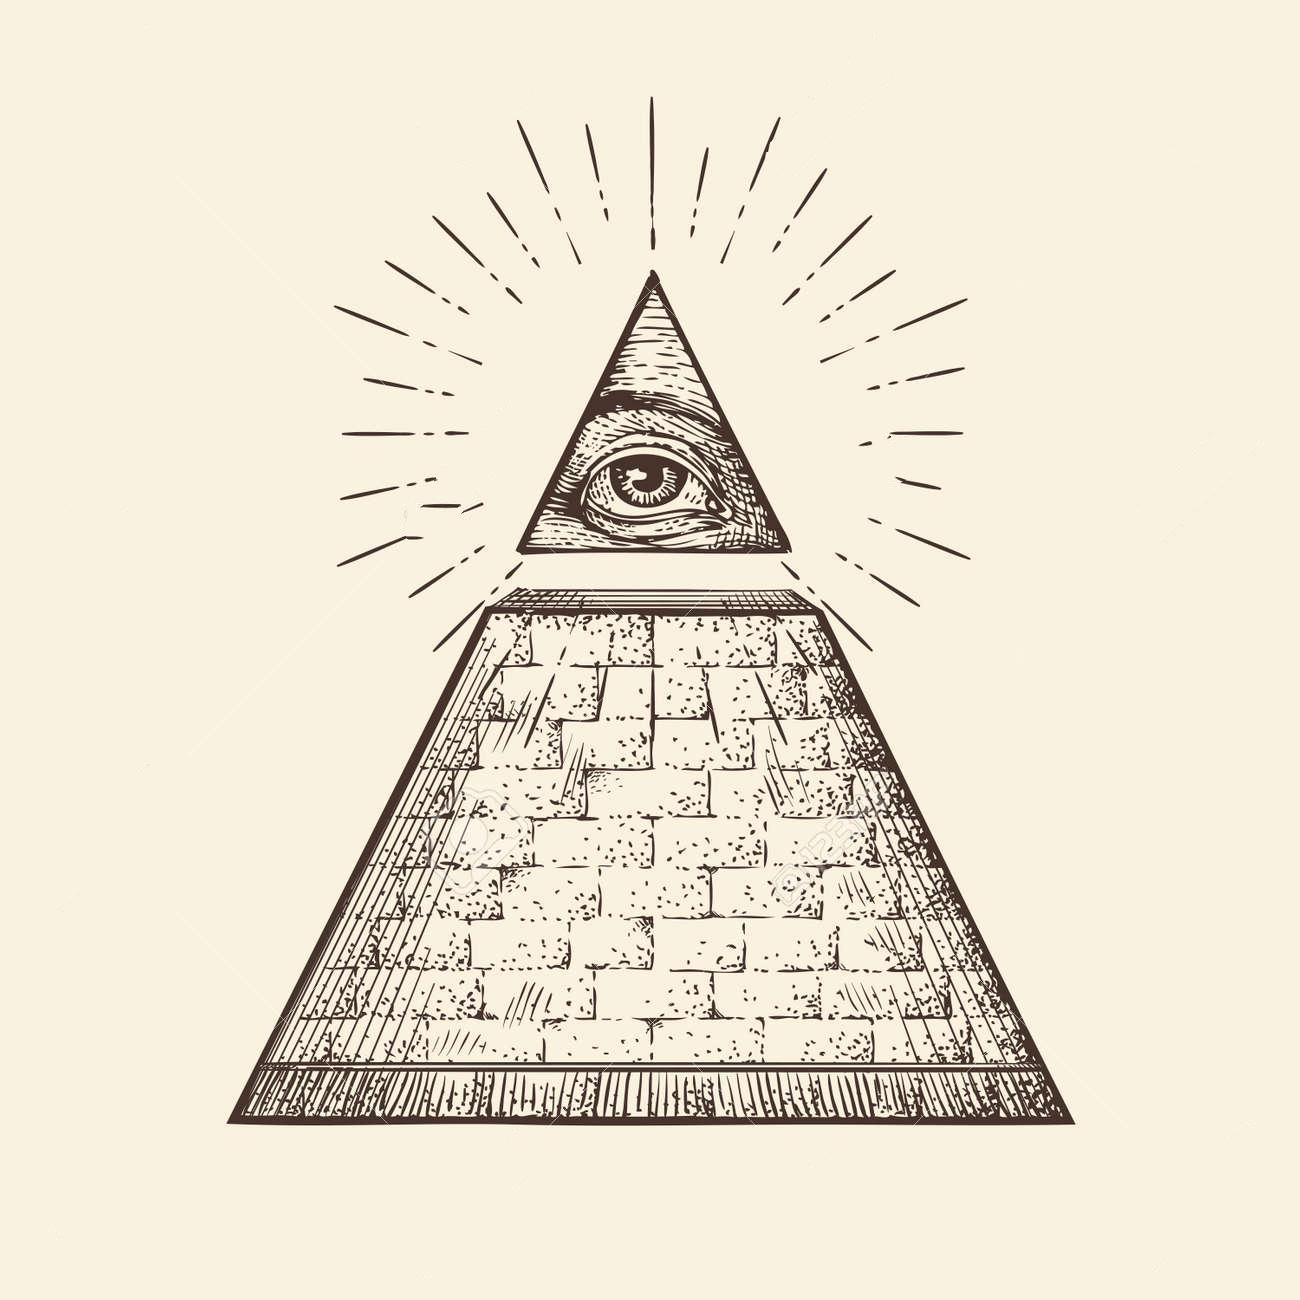 67209567 todo lo ve simbolo de la piramide del ojo nuevo orden mundial vector bosquejo a mano